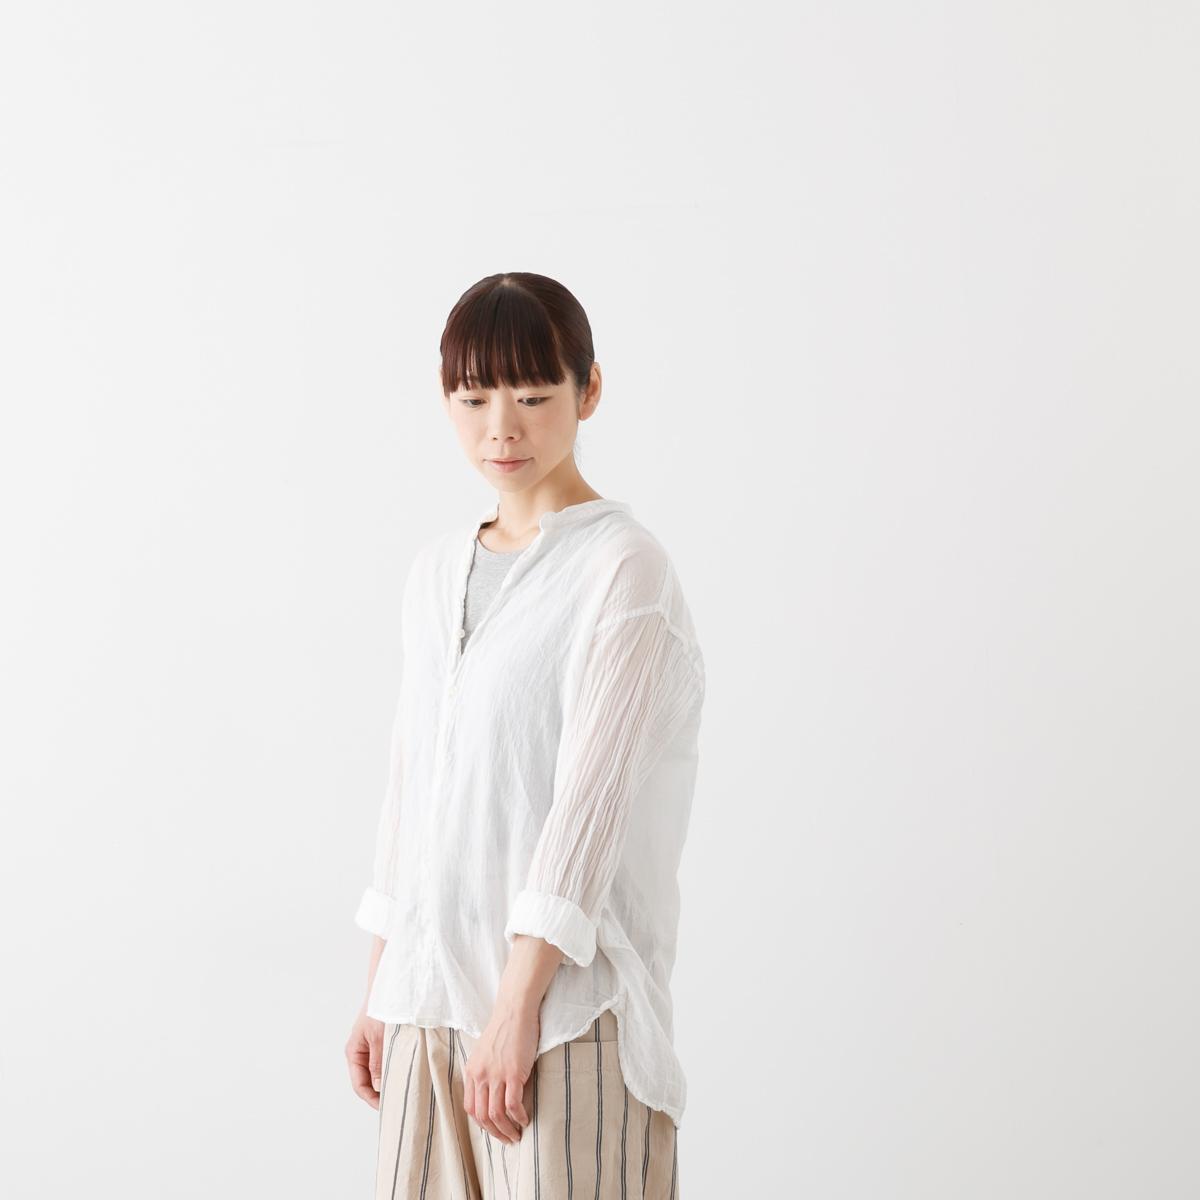 【クーポン対象外】ARMEN アーメン UTILTY BANDED COLLAR SHIRTS ユーティリティ バンドカラー シャツ 3色 INAM1702GD